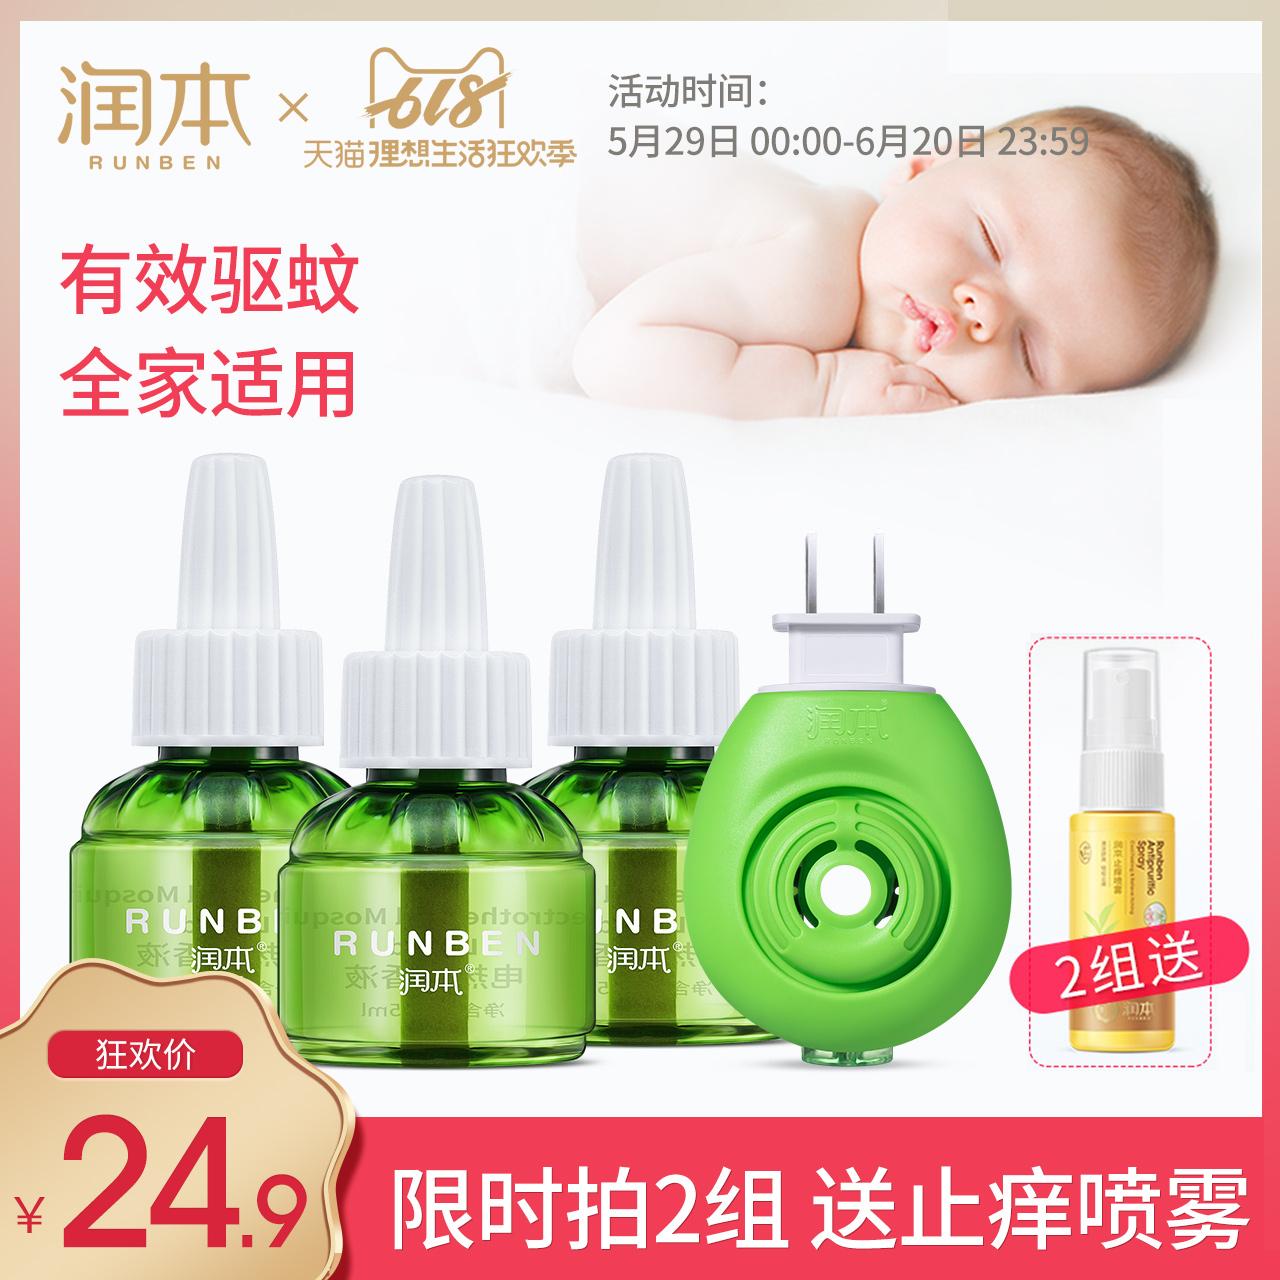 润本电热蚊香液送加热器无味婴儿儿童驱蚊液非孕妇宝宝家用防蚊液